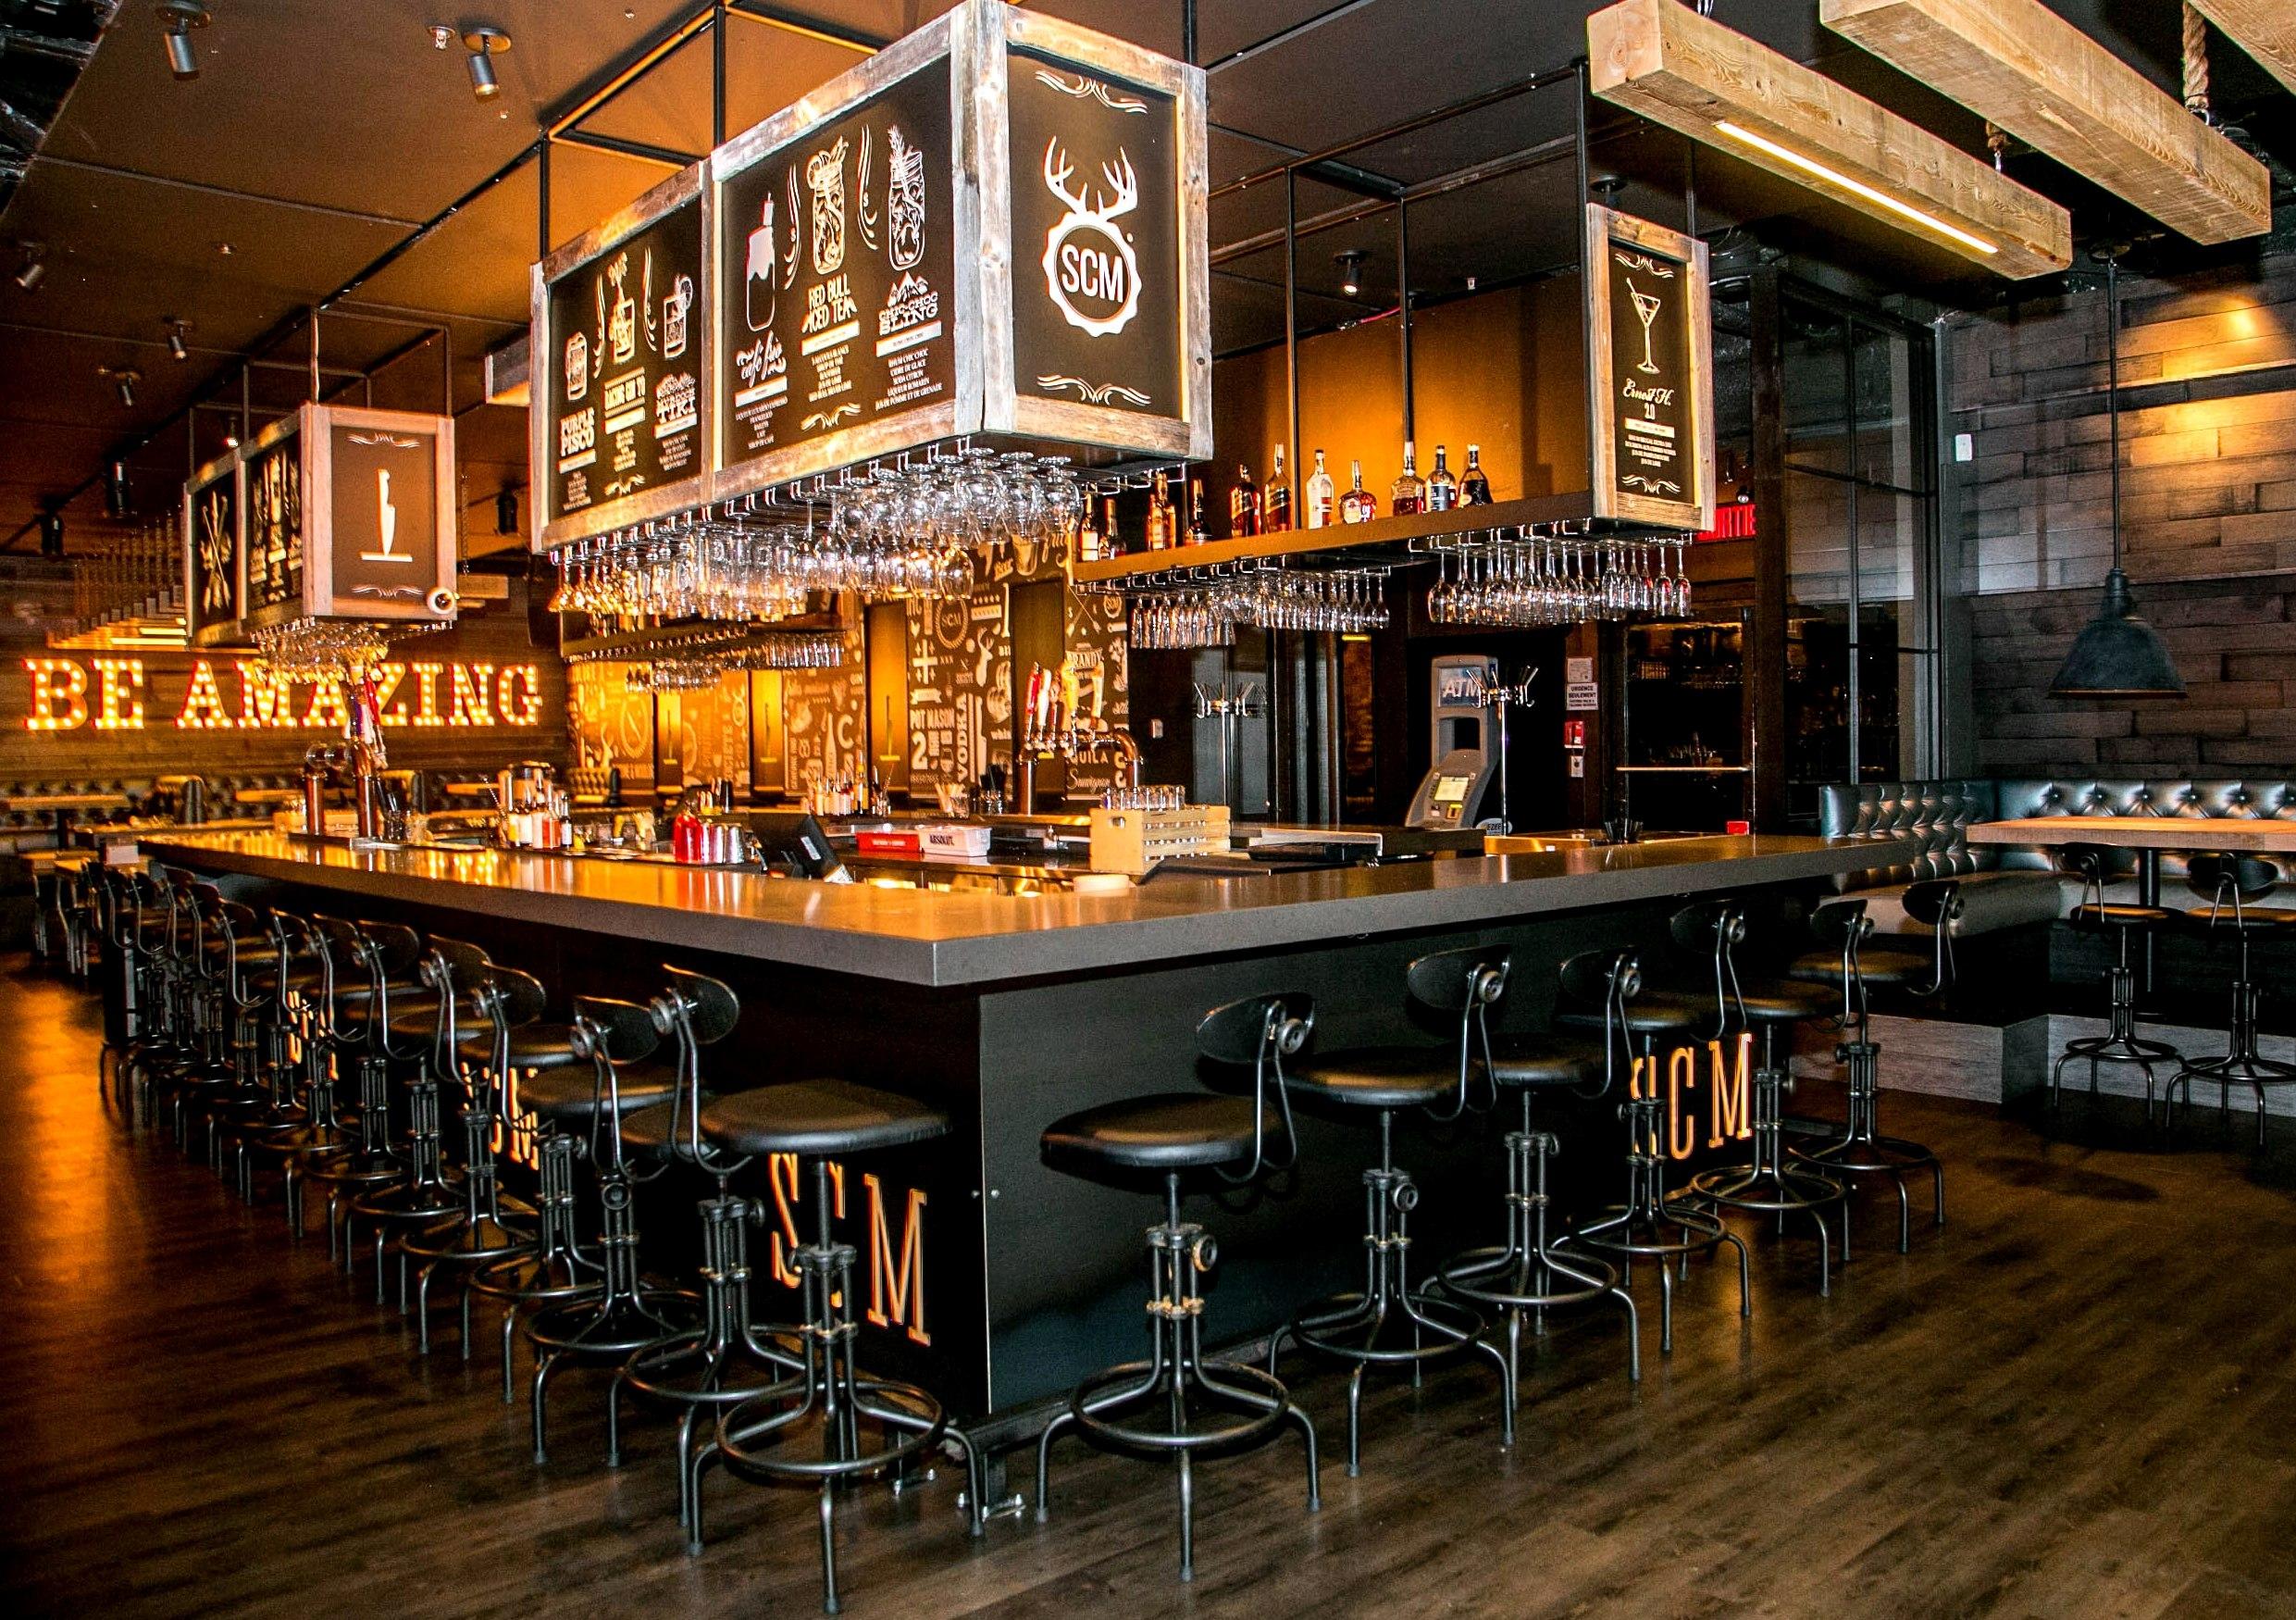 https://www.shakercuisineetmixologie.com/files/2019/03/Un-nouveau-venu-parmi-les-restaurants-bars-de-la-Ville-de-Québec.jpg